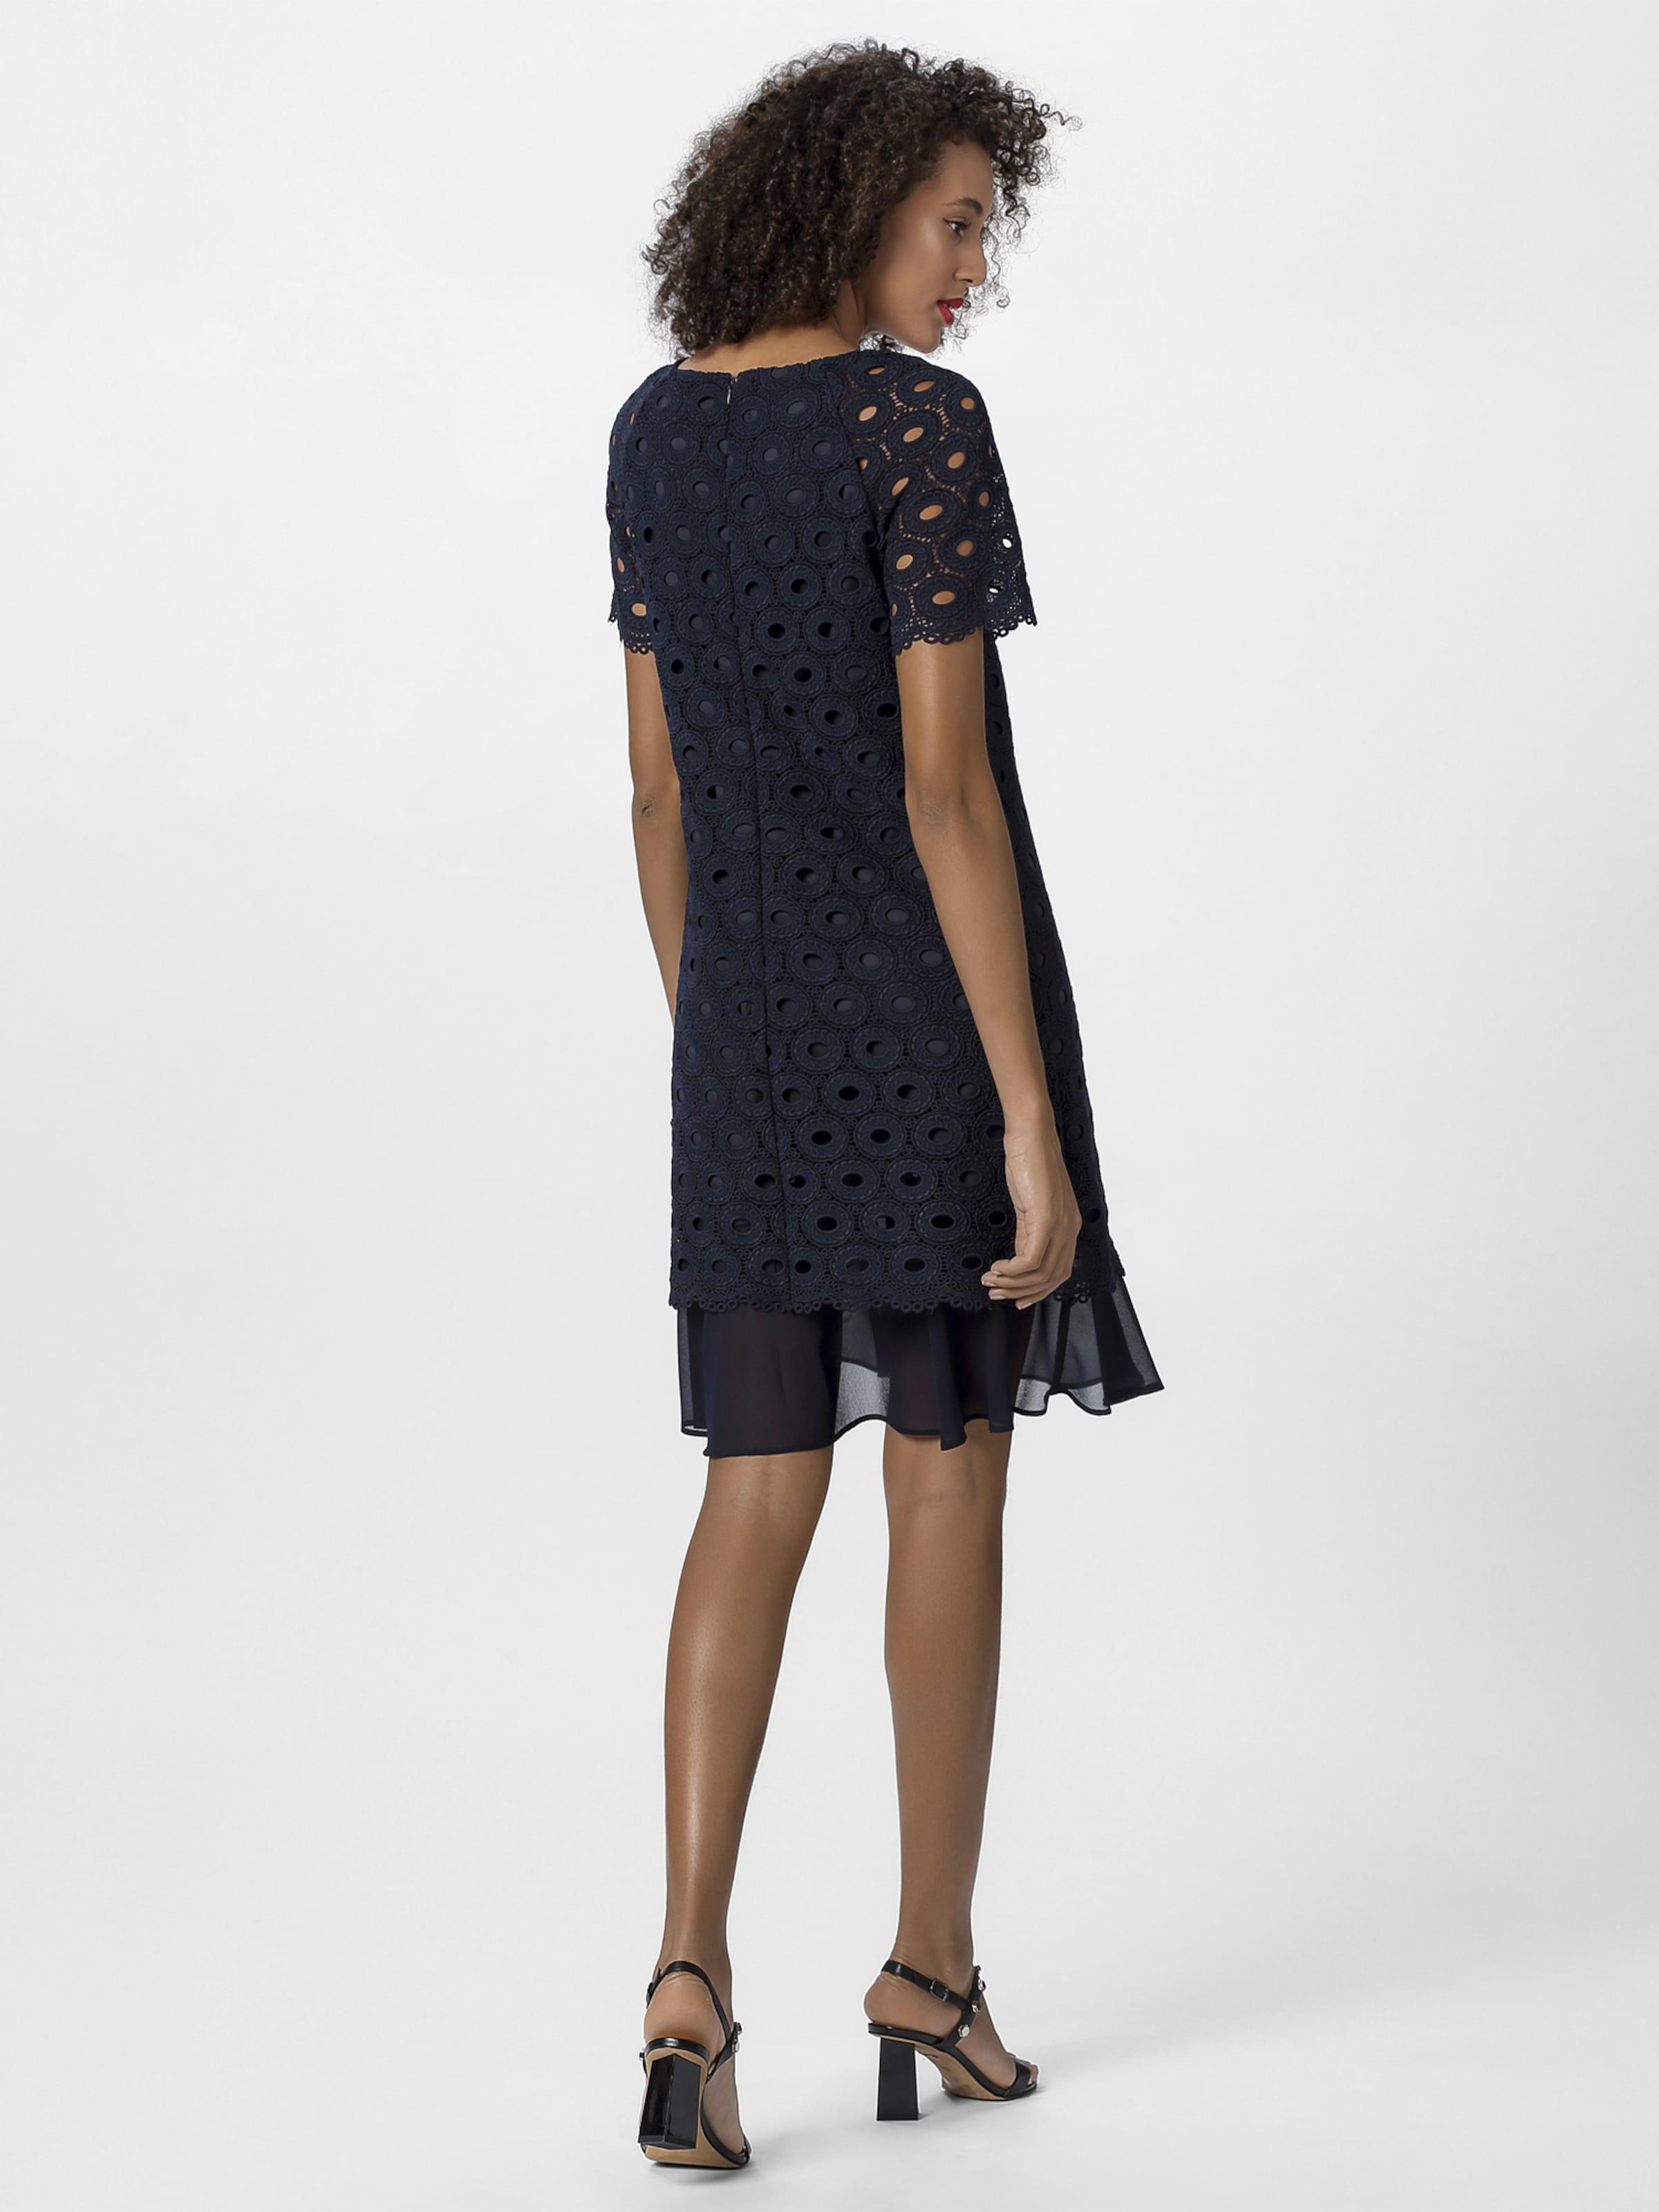 kleider apart damen spitzenkleid in leichter a-form